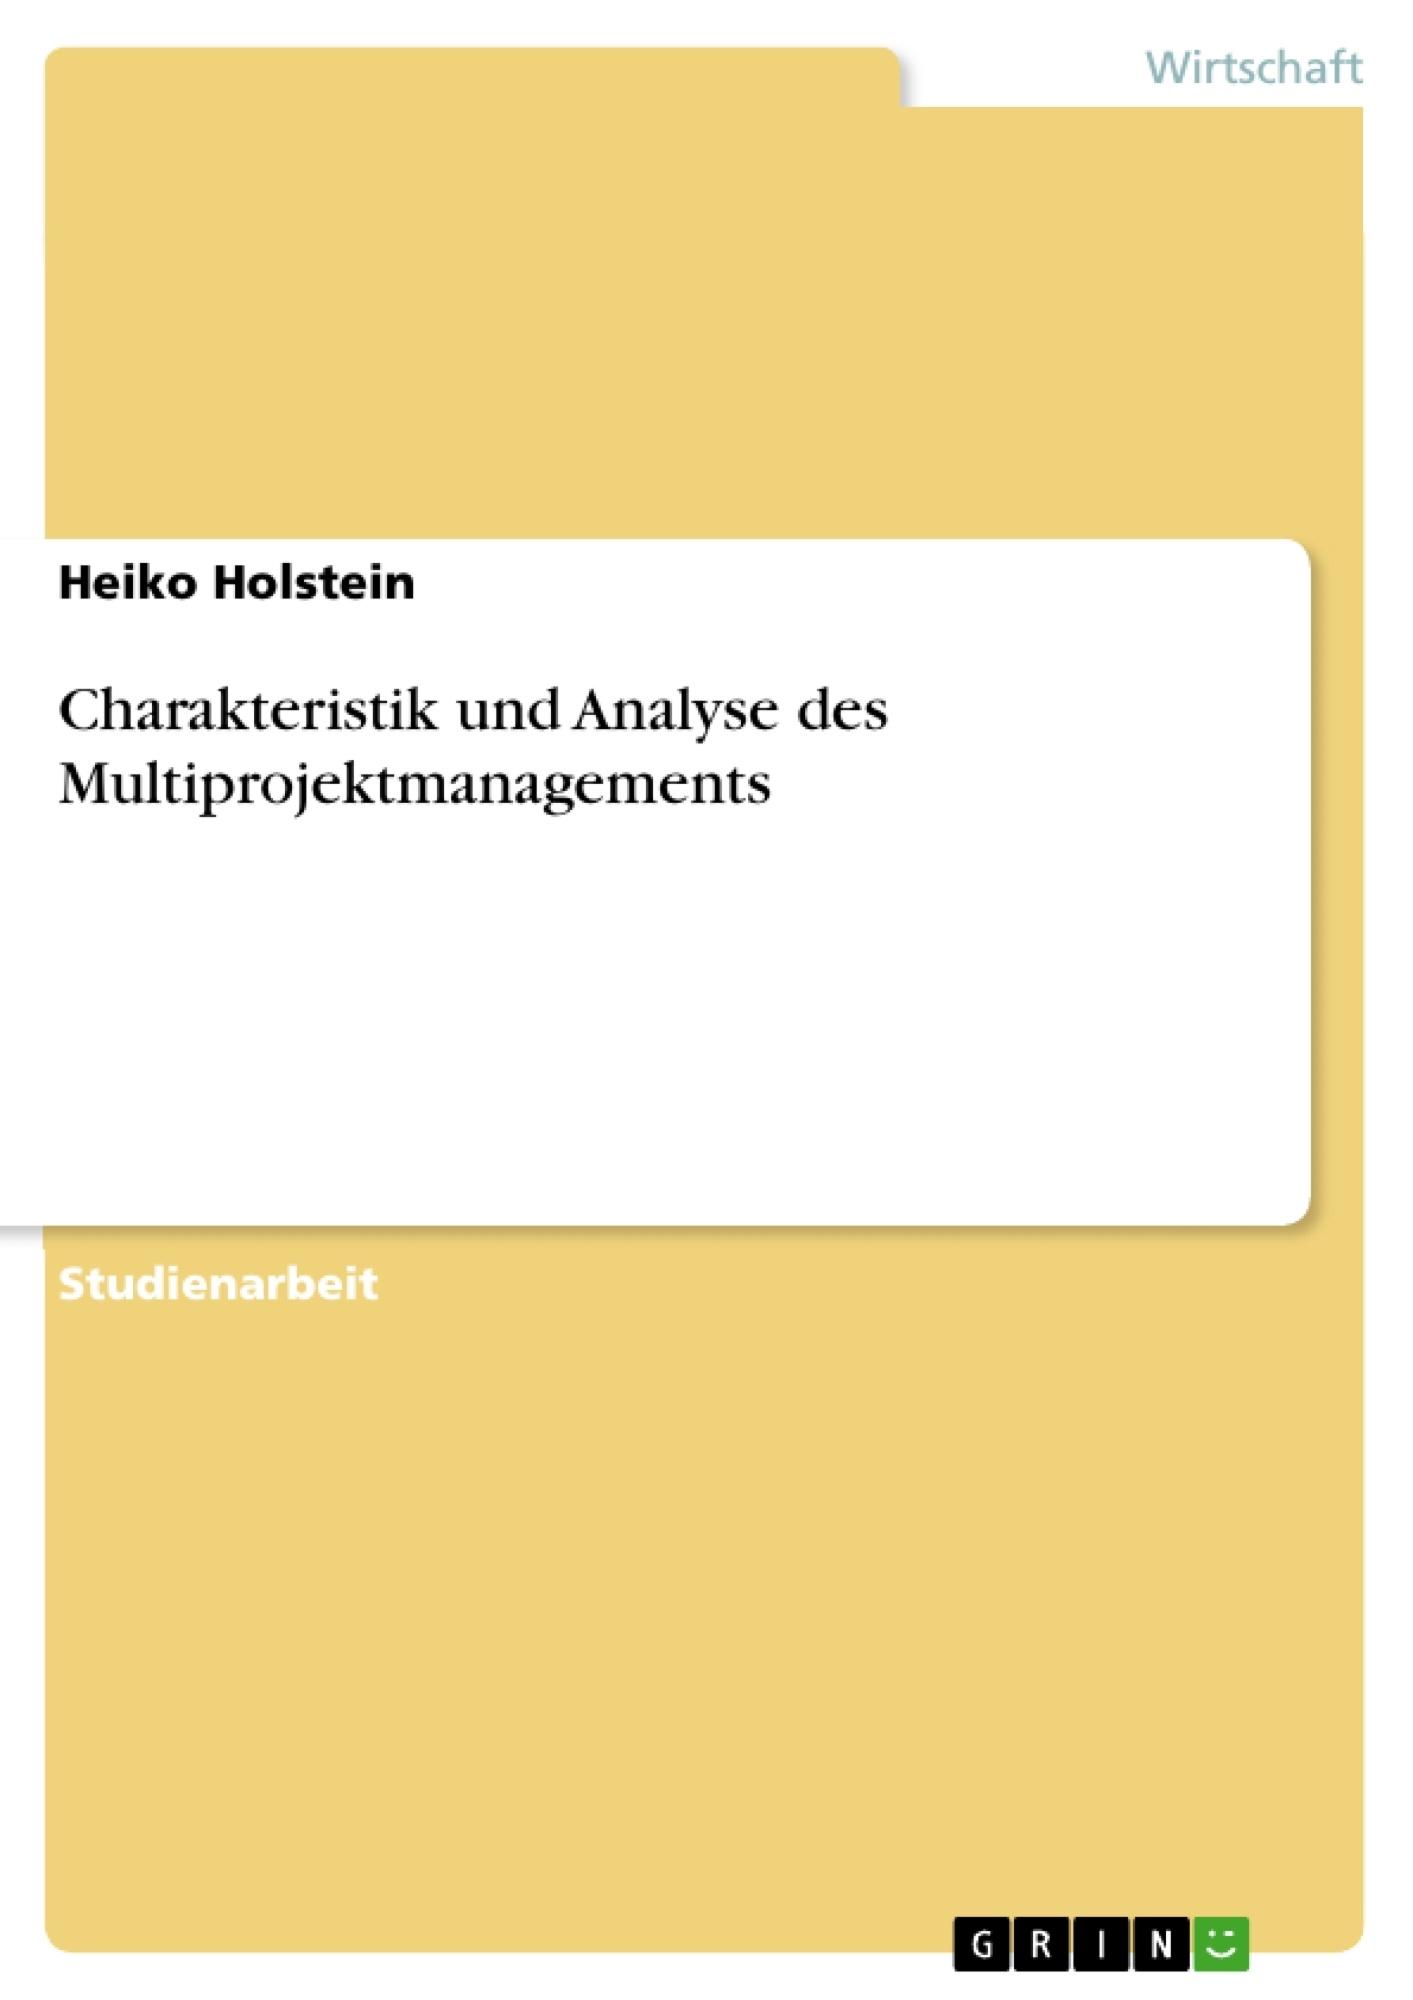 Titel: Charakteristik und Analyse des Multiprojektmanagements